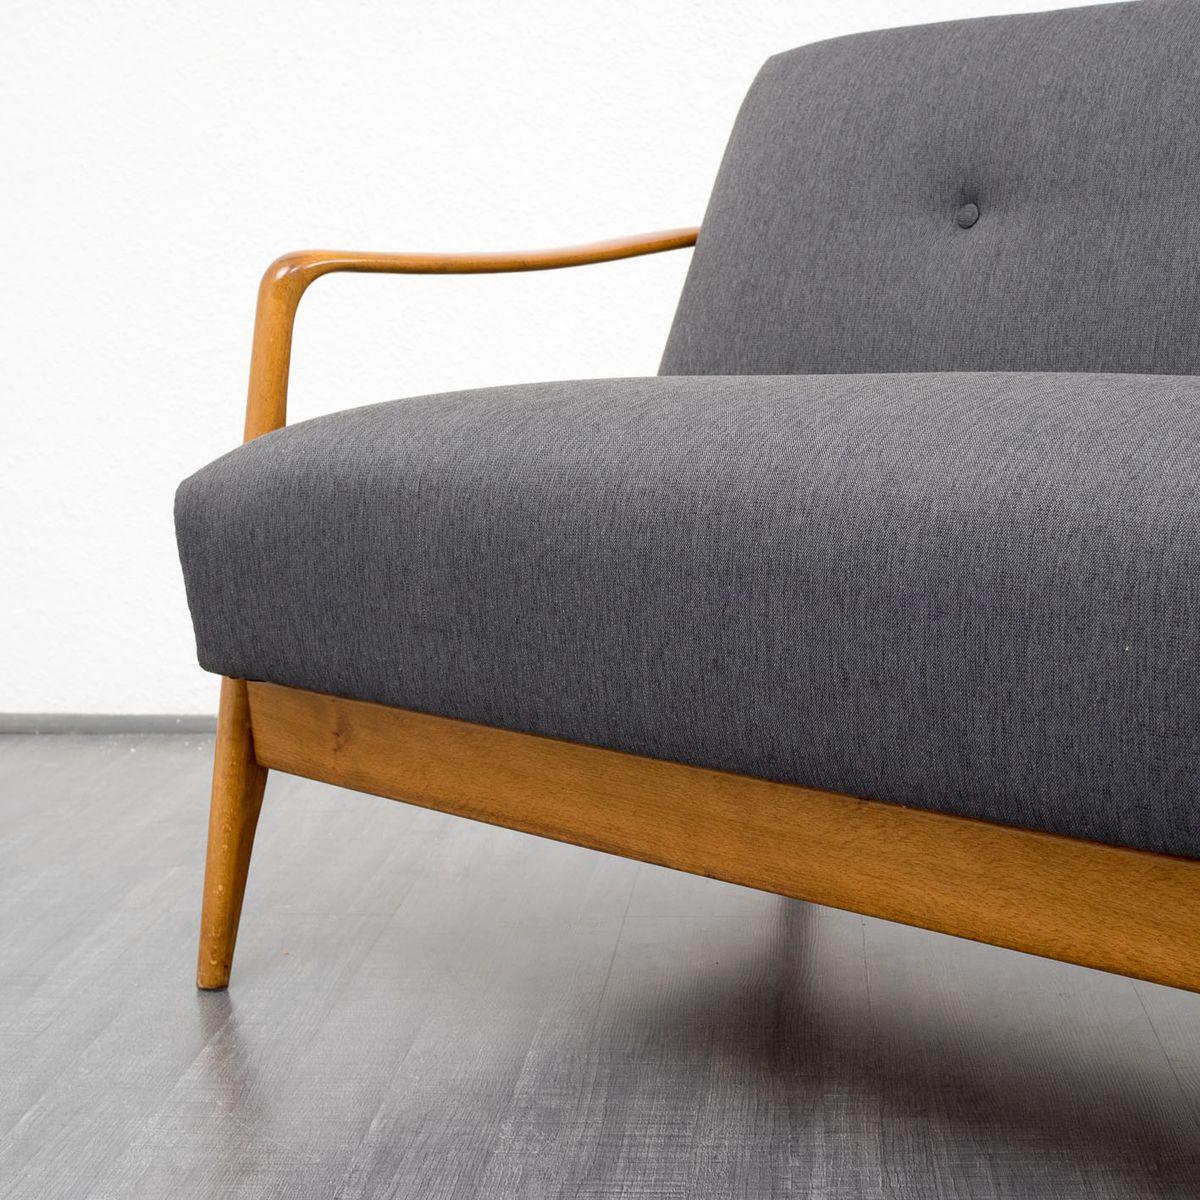 douglasie sichtschutz gunstig inneneinrichtung und m bel. Black Bedroom Furniture Sets. Home Design Ideas